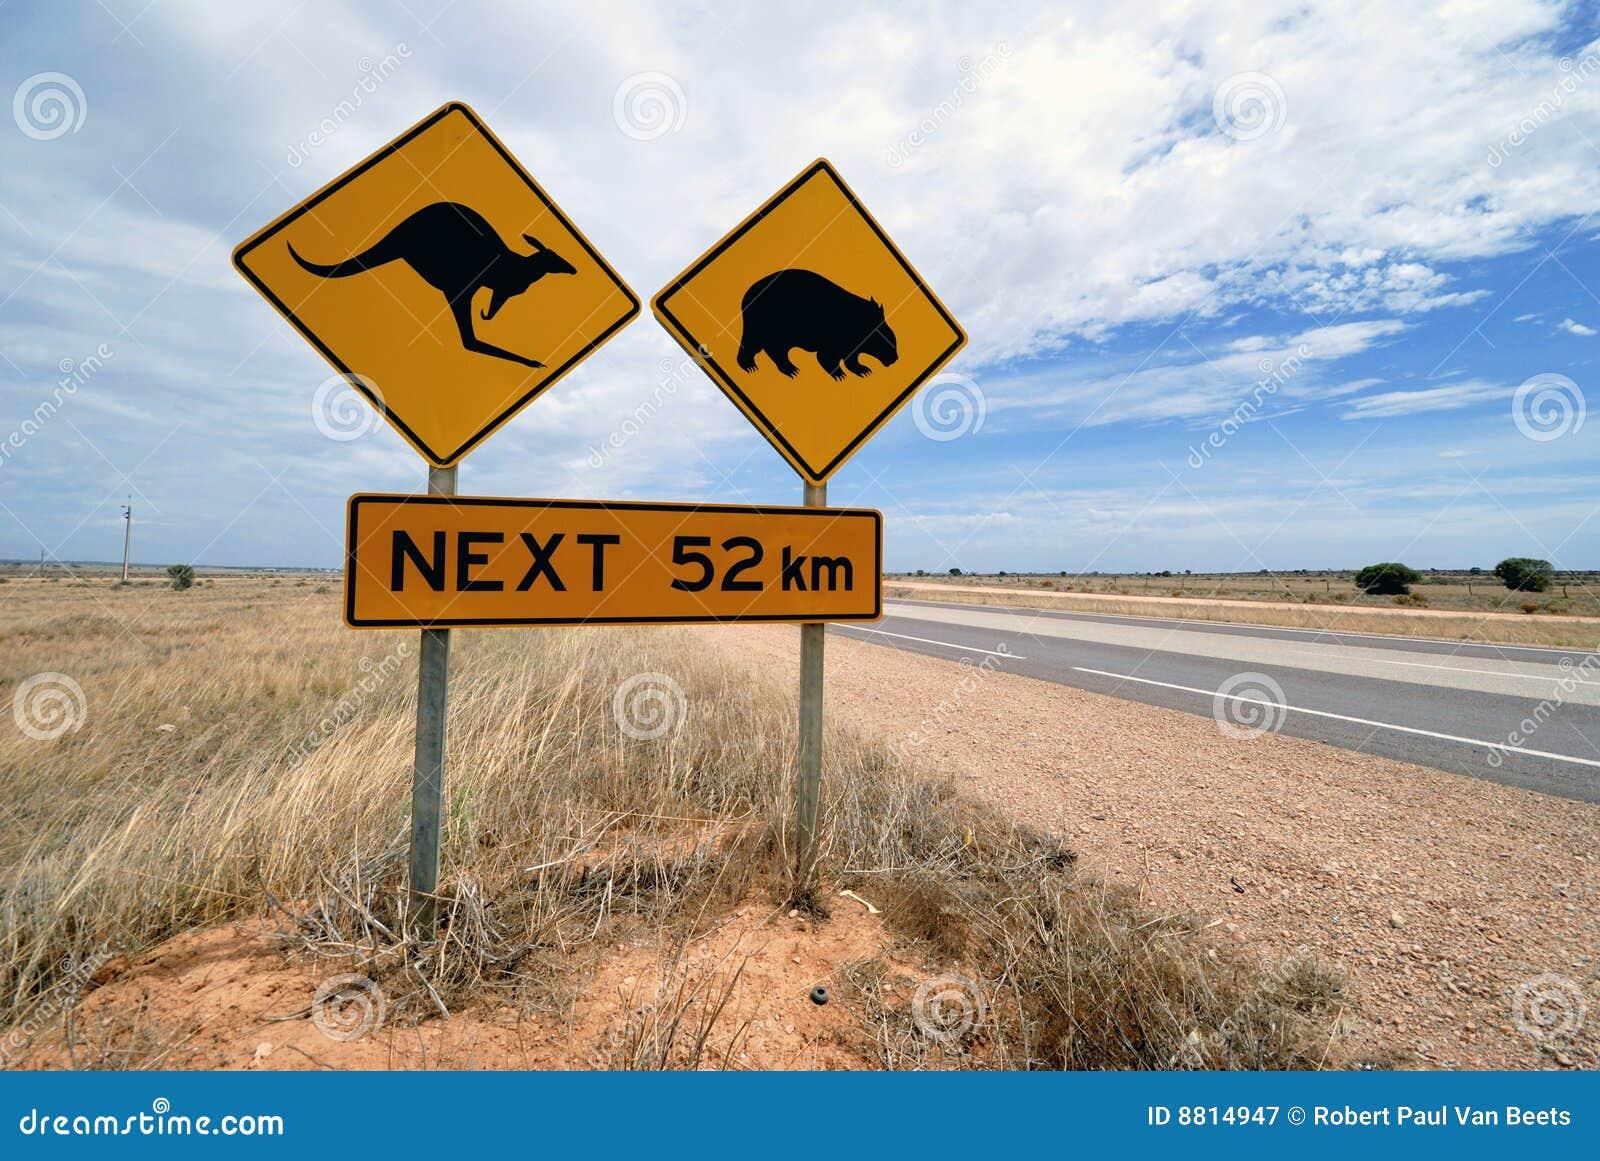 Känguru, wombat Warnzeichen Australien